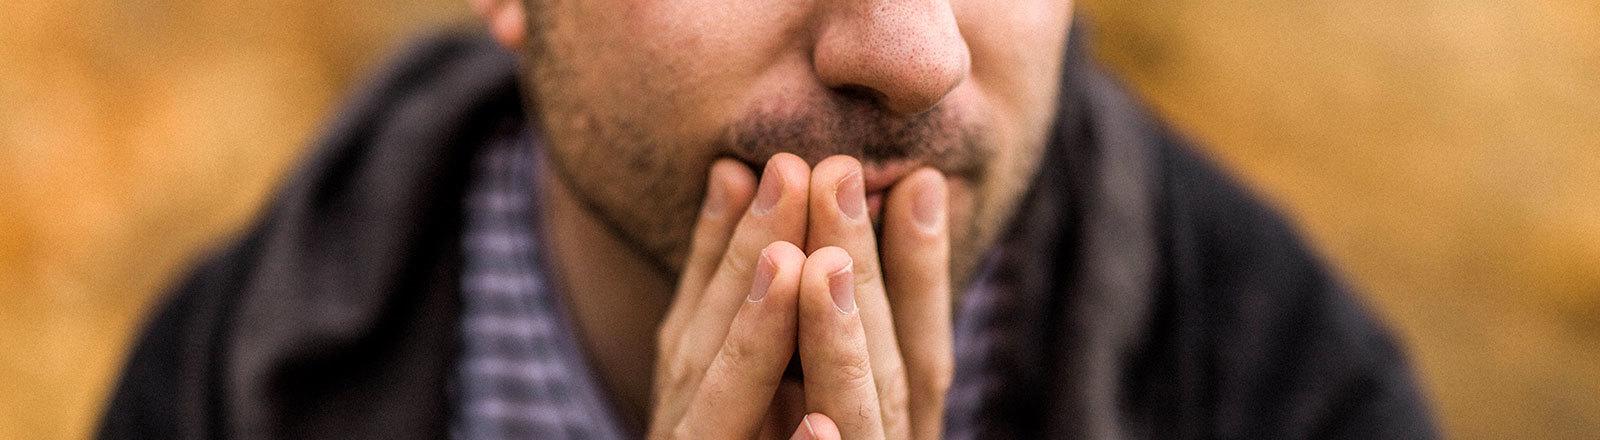 Ein Mann hält nachdenklich die Hände vor den Mund